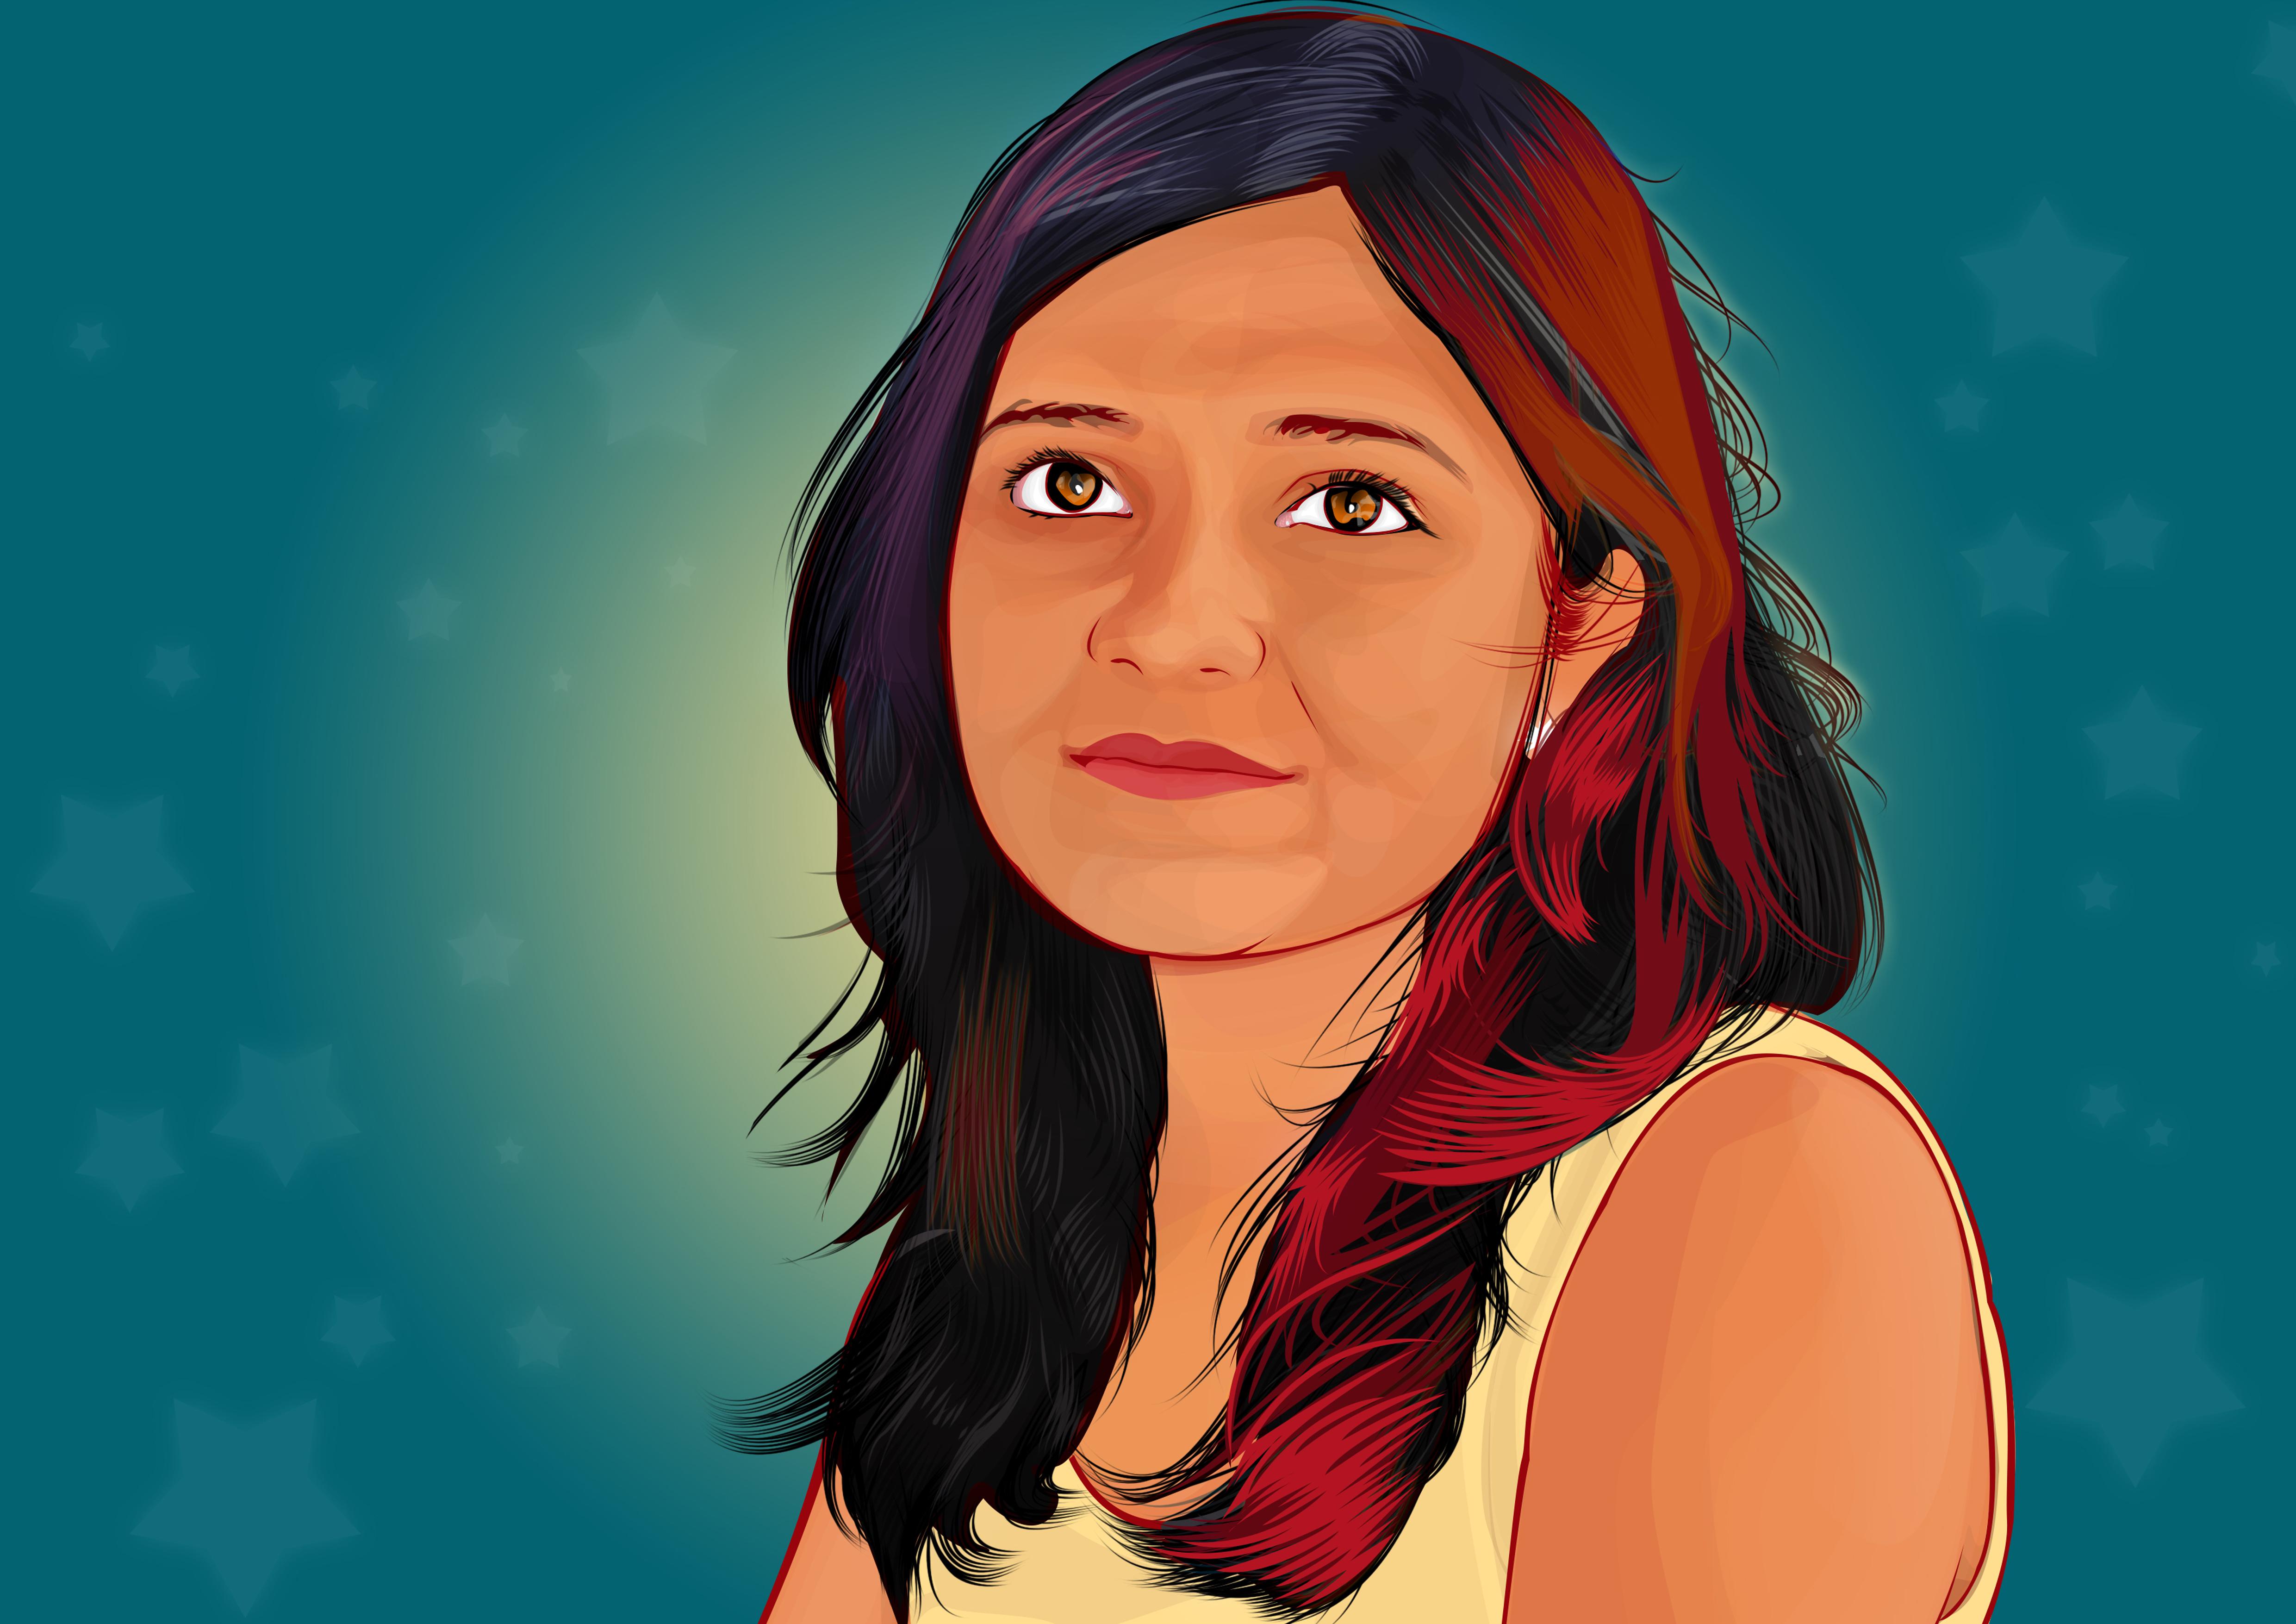 Vexel Portrait by niteenautade